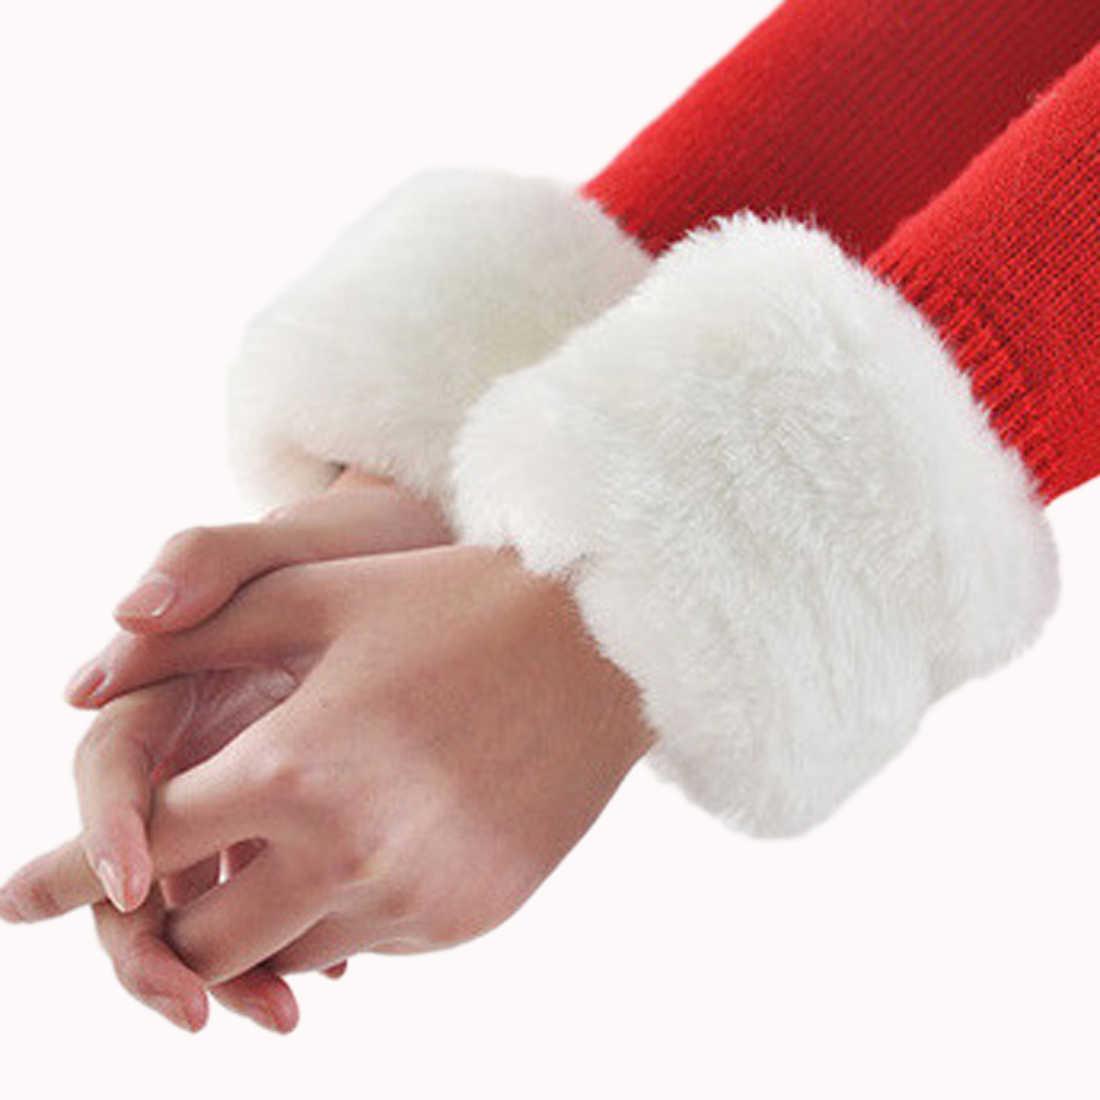 แฟชั่นฤดูหนาว WARM Faux ขนแขนอุ่นผู้หญิง Faux FUR Elastic นาฬิกาข้อมือ Slap บน Cuffs แขนอุ่น Plush Elegant แขนอุ่น